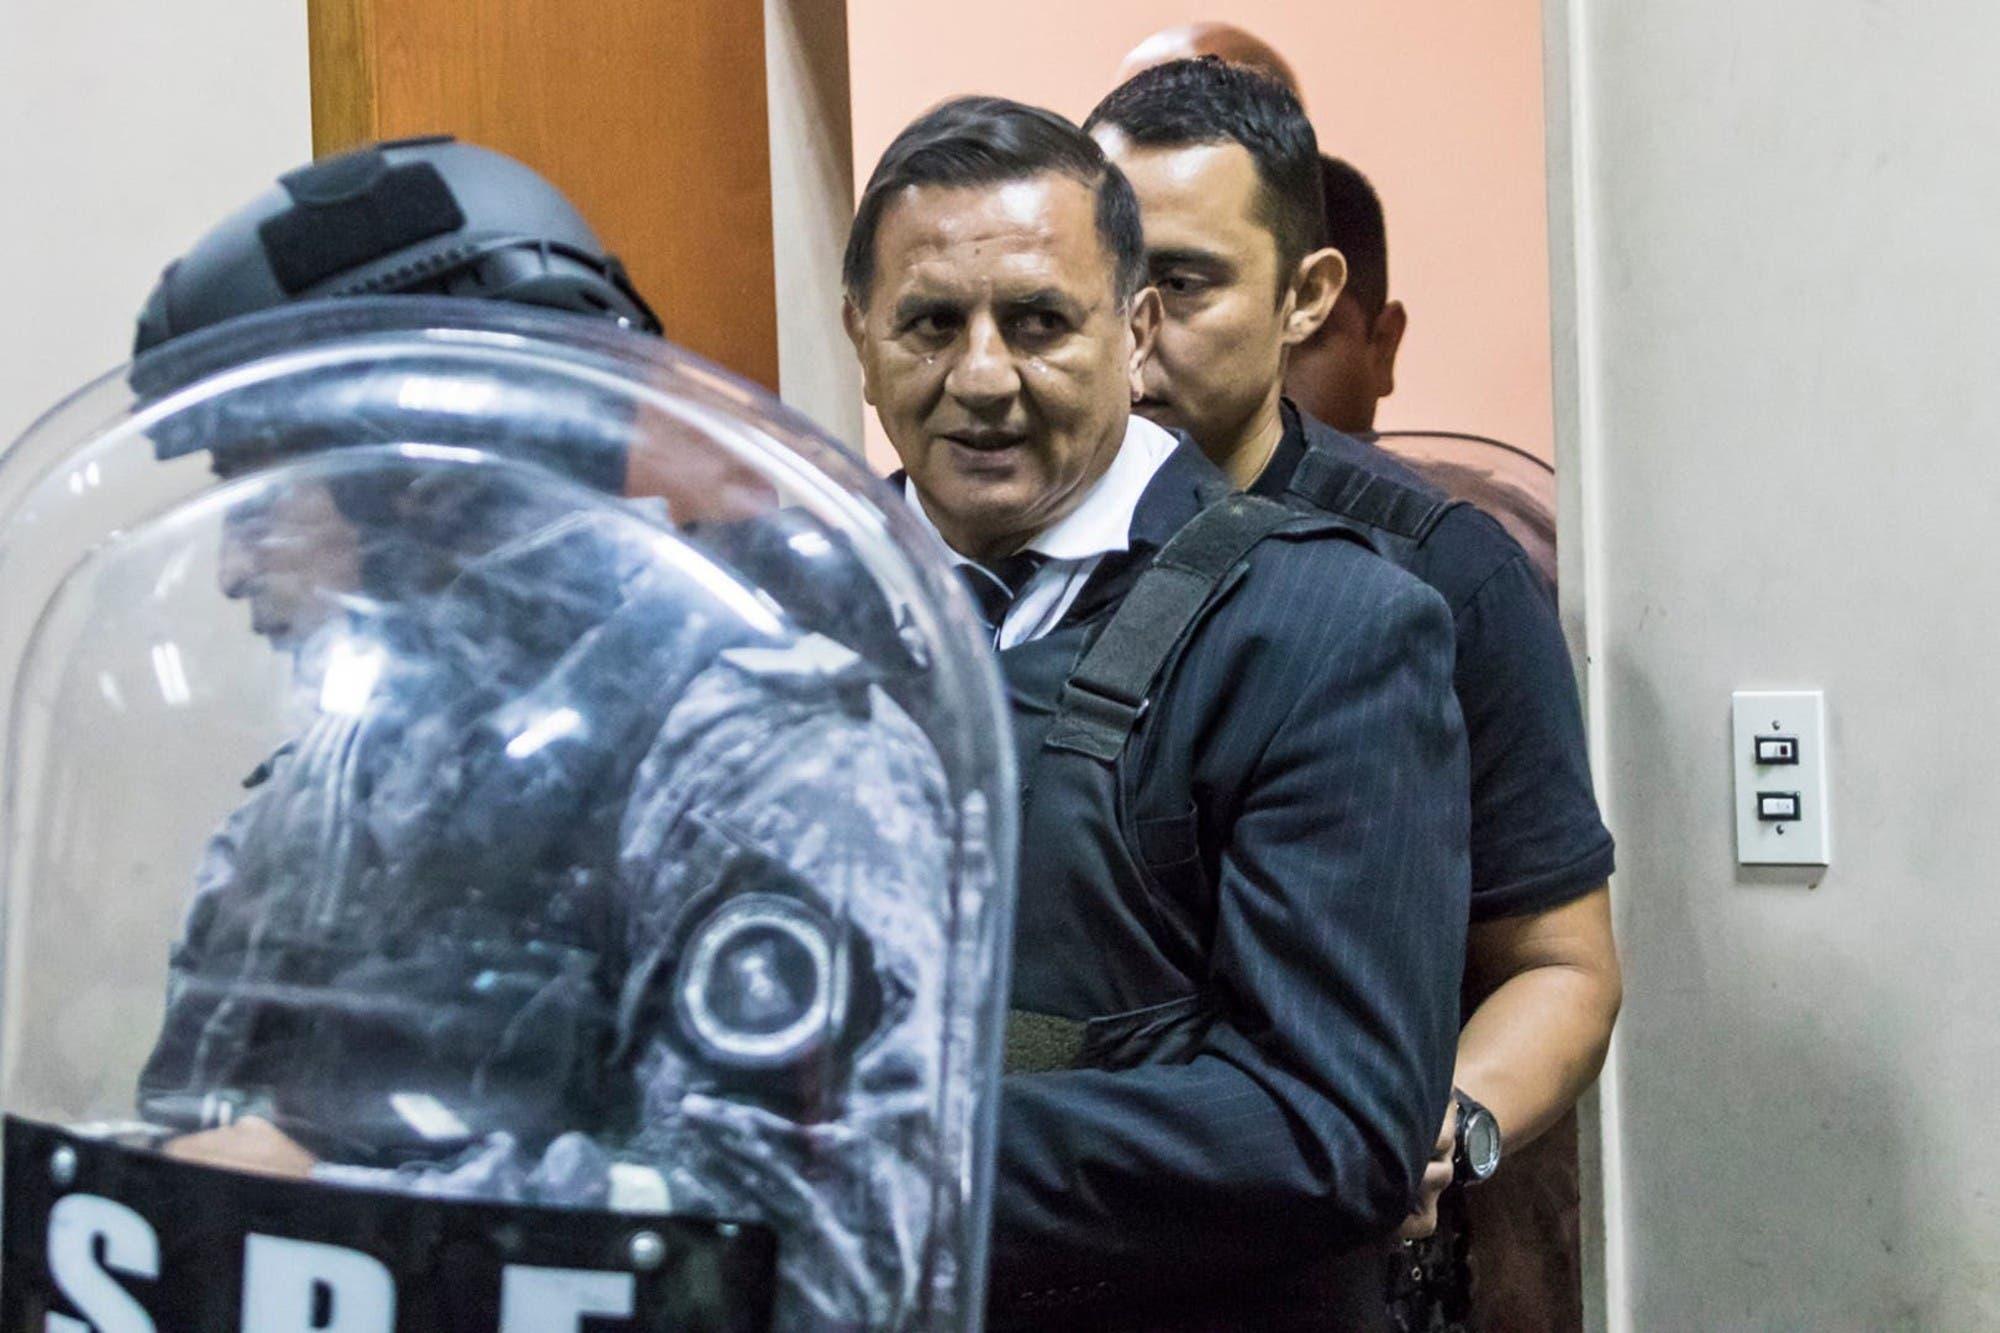 Coronavirus: sin contagios en Salta, ordenan que regrese a la cárcel el exjuez Reynoso, condenado por proteger a narcos